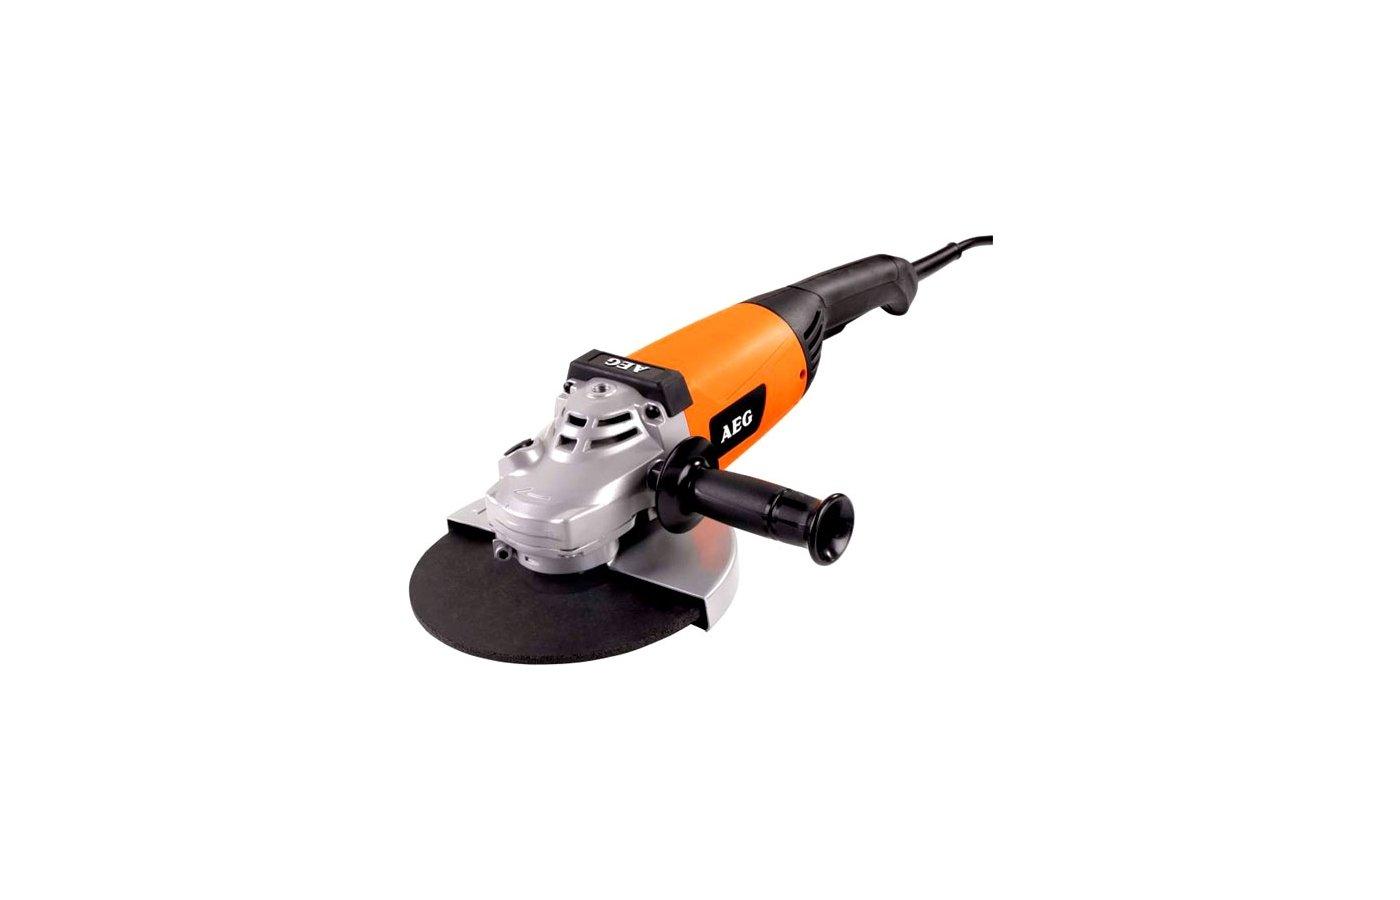 Углошлифмашина AEG WS 2200-230